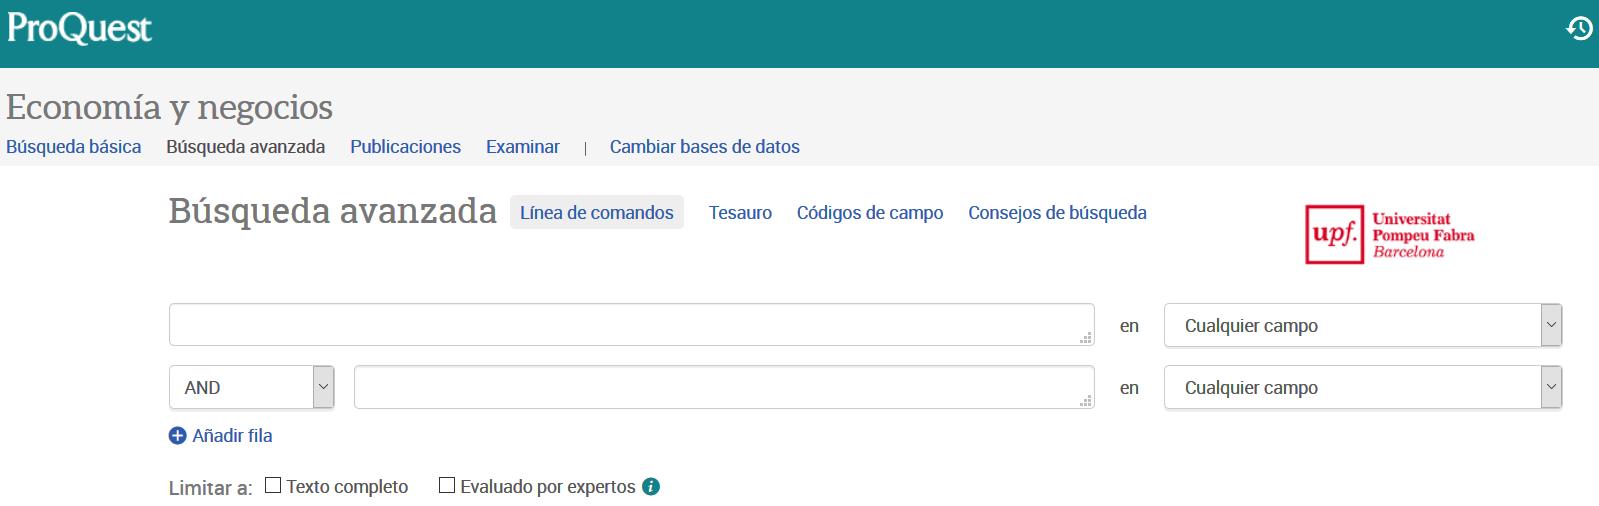 EconLit y ABI/Inform son las dos bases de datos de Economía y Negocios de ProQuest